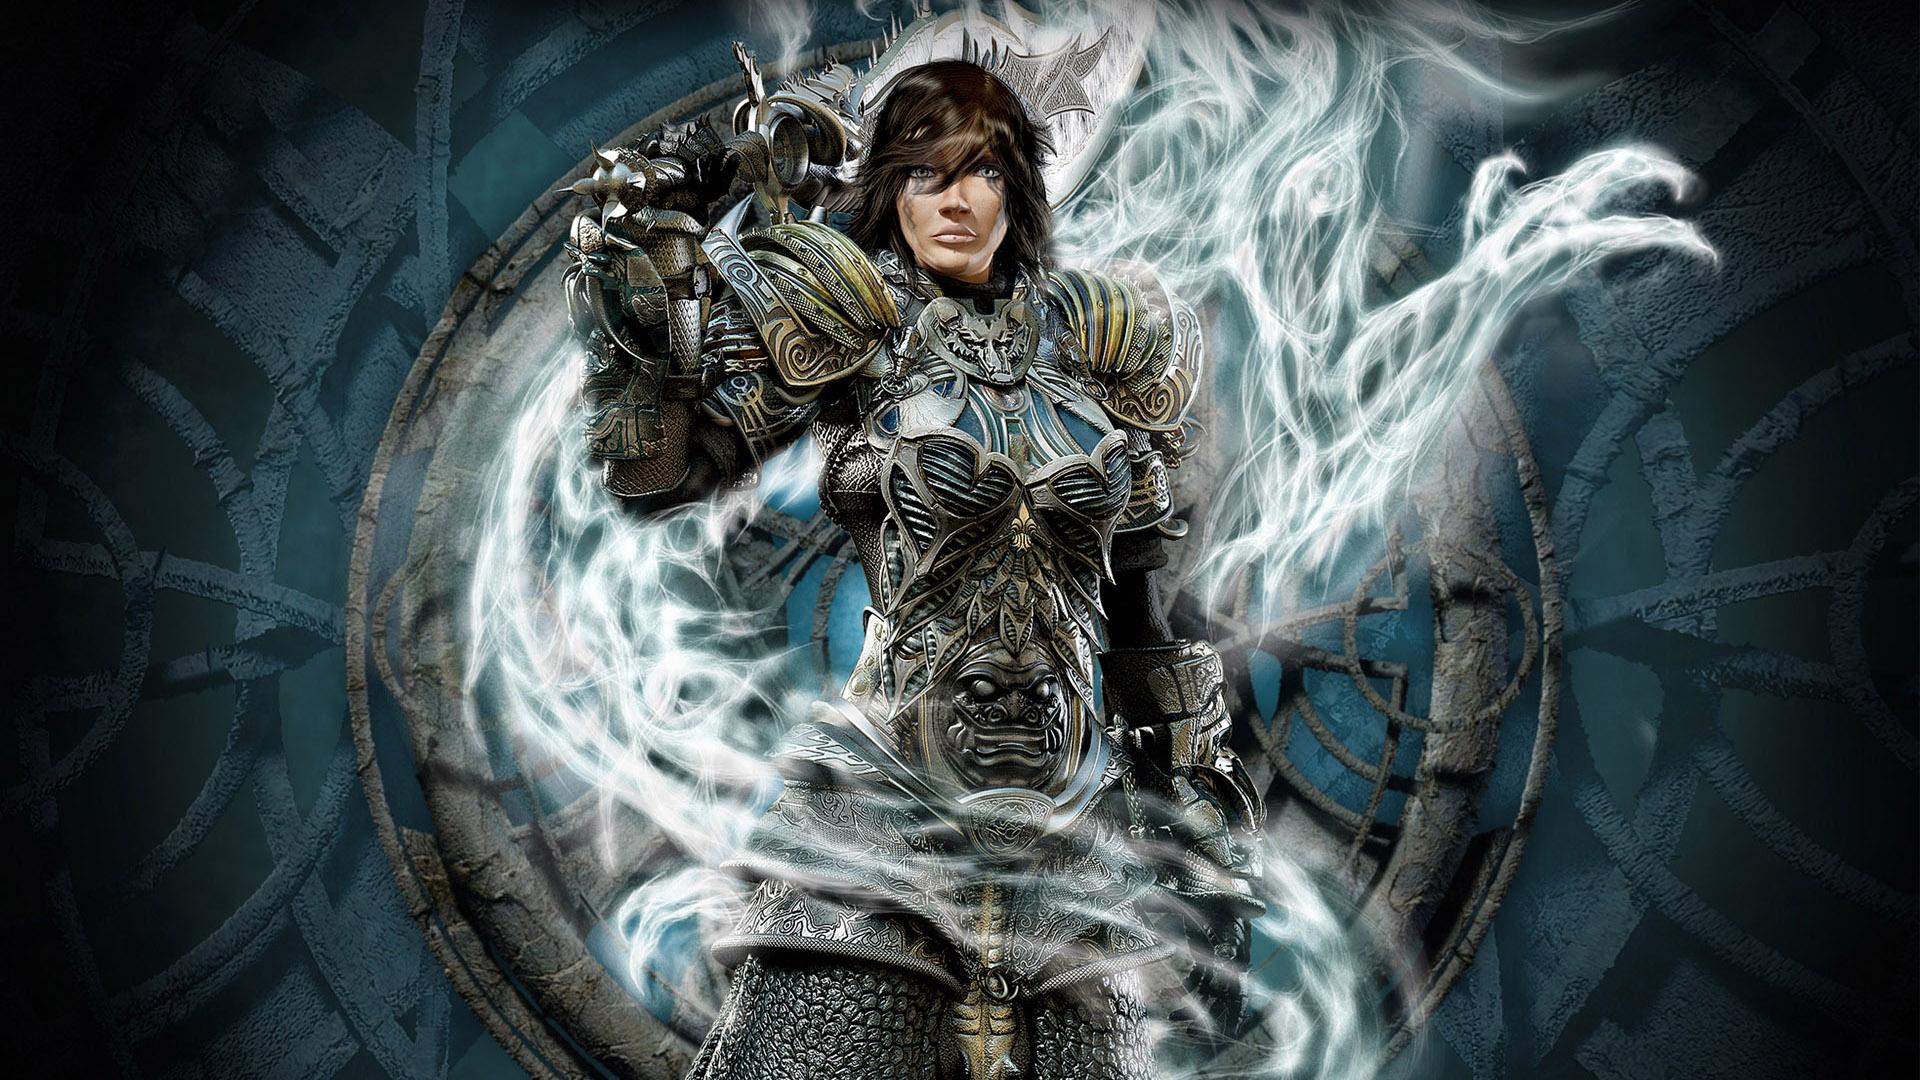 Women Warrior Art Id 34882 Art Abyss